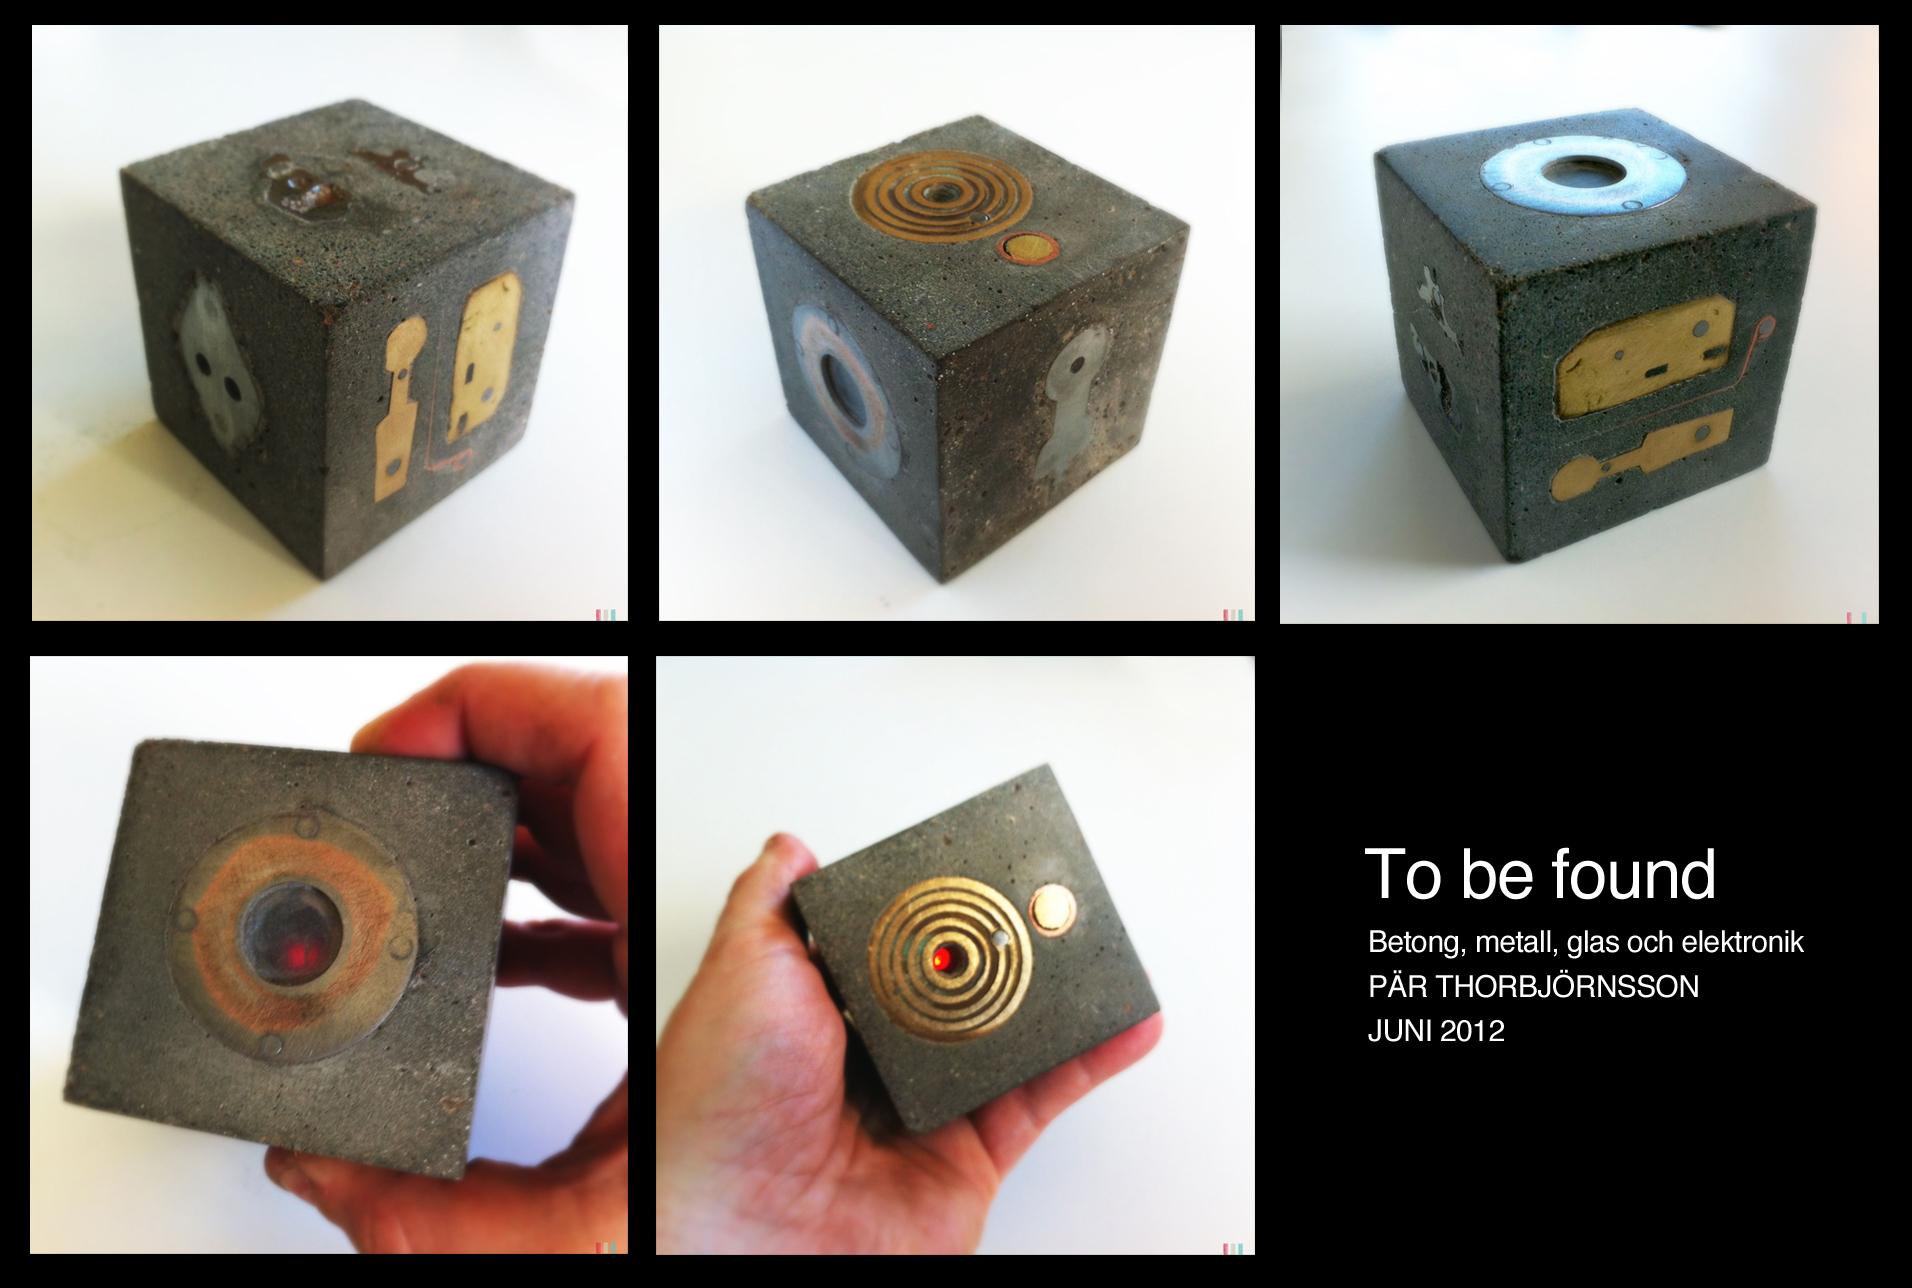 Betongkub-–-To-be-found-–-2012.jpg